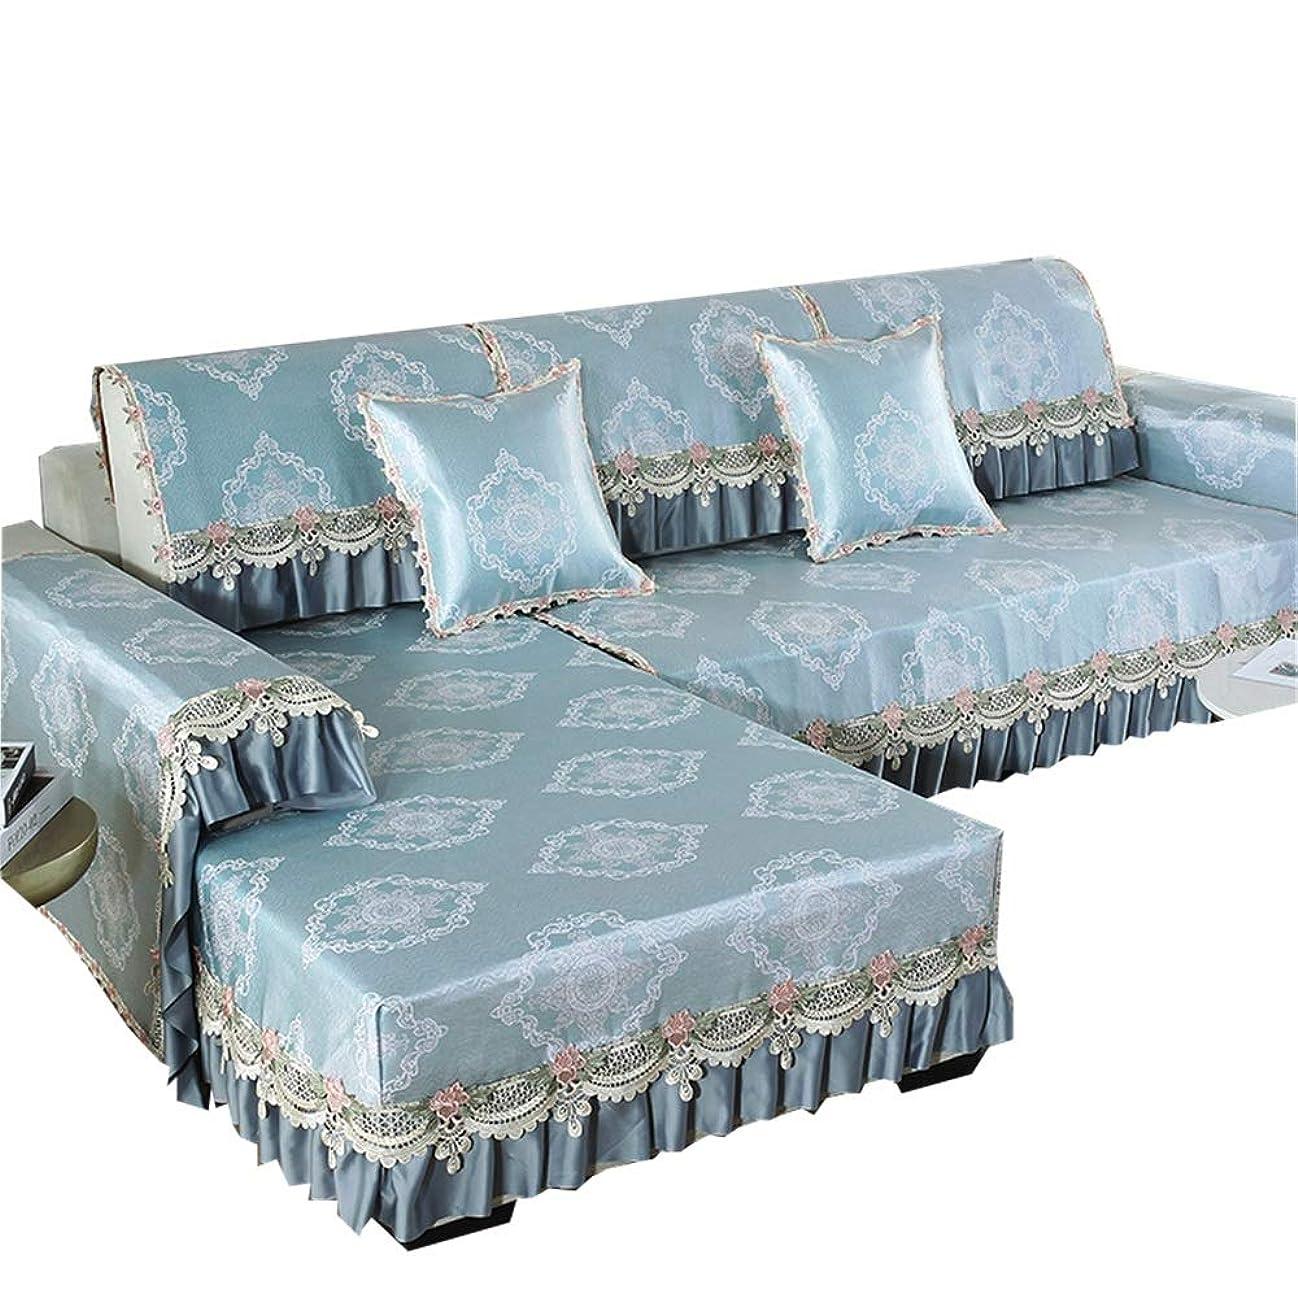 非効率的なカスタム十ソファカバー、カウチ2シーター3シーター4シーターのための刺繍ユニバーサルソファカバーストレッチスリップカバー、スカート付き花柄ソファカバー (Color : Royal blue, Size : 26.77*47.24'')